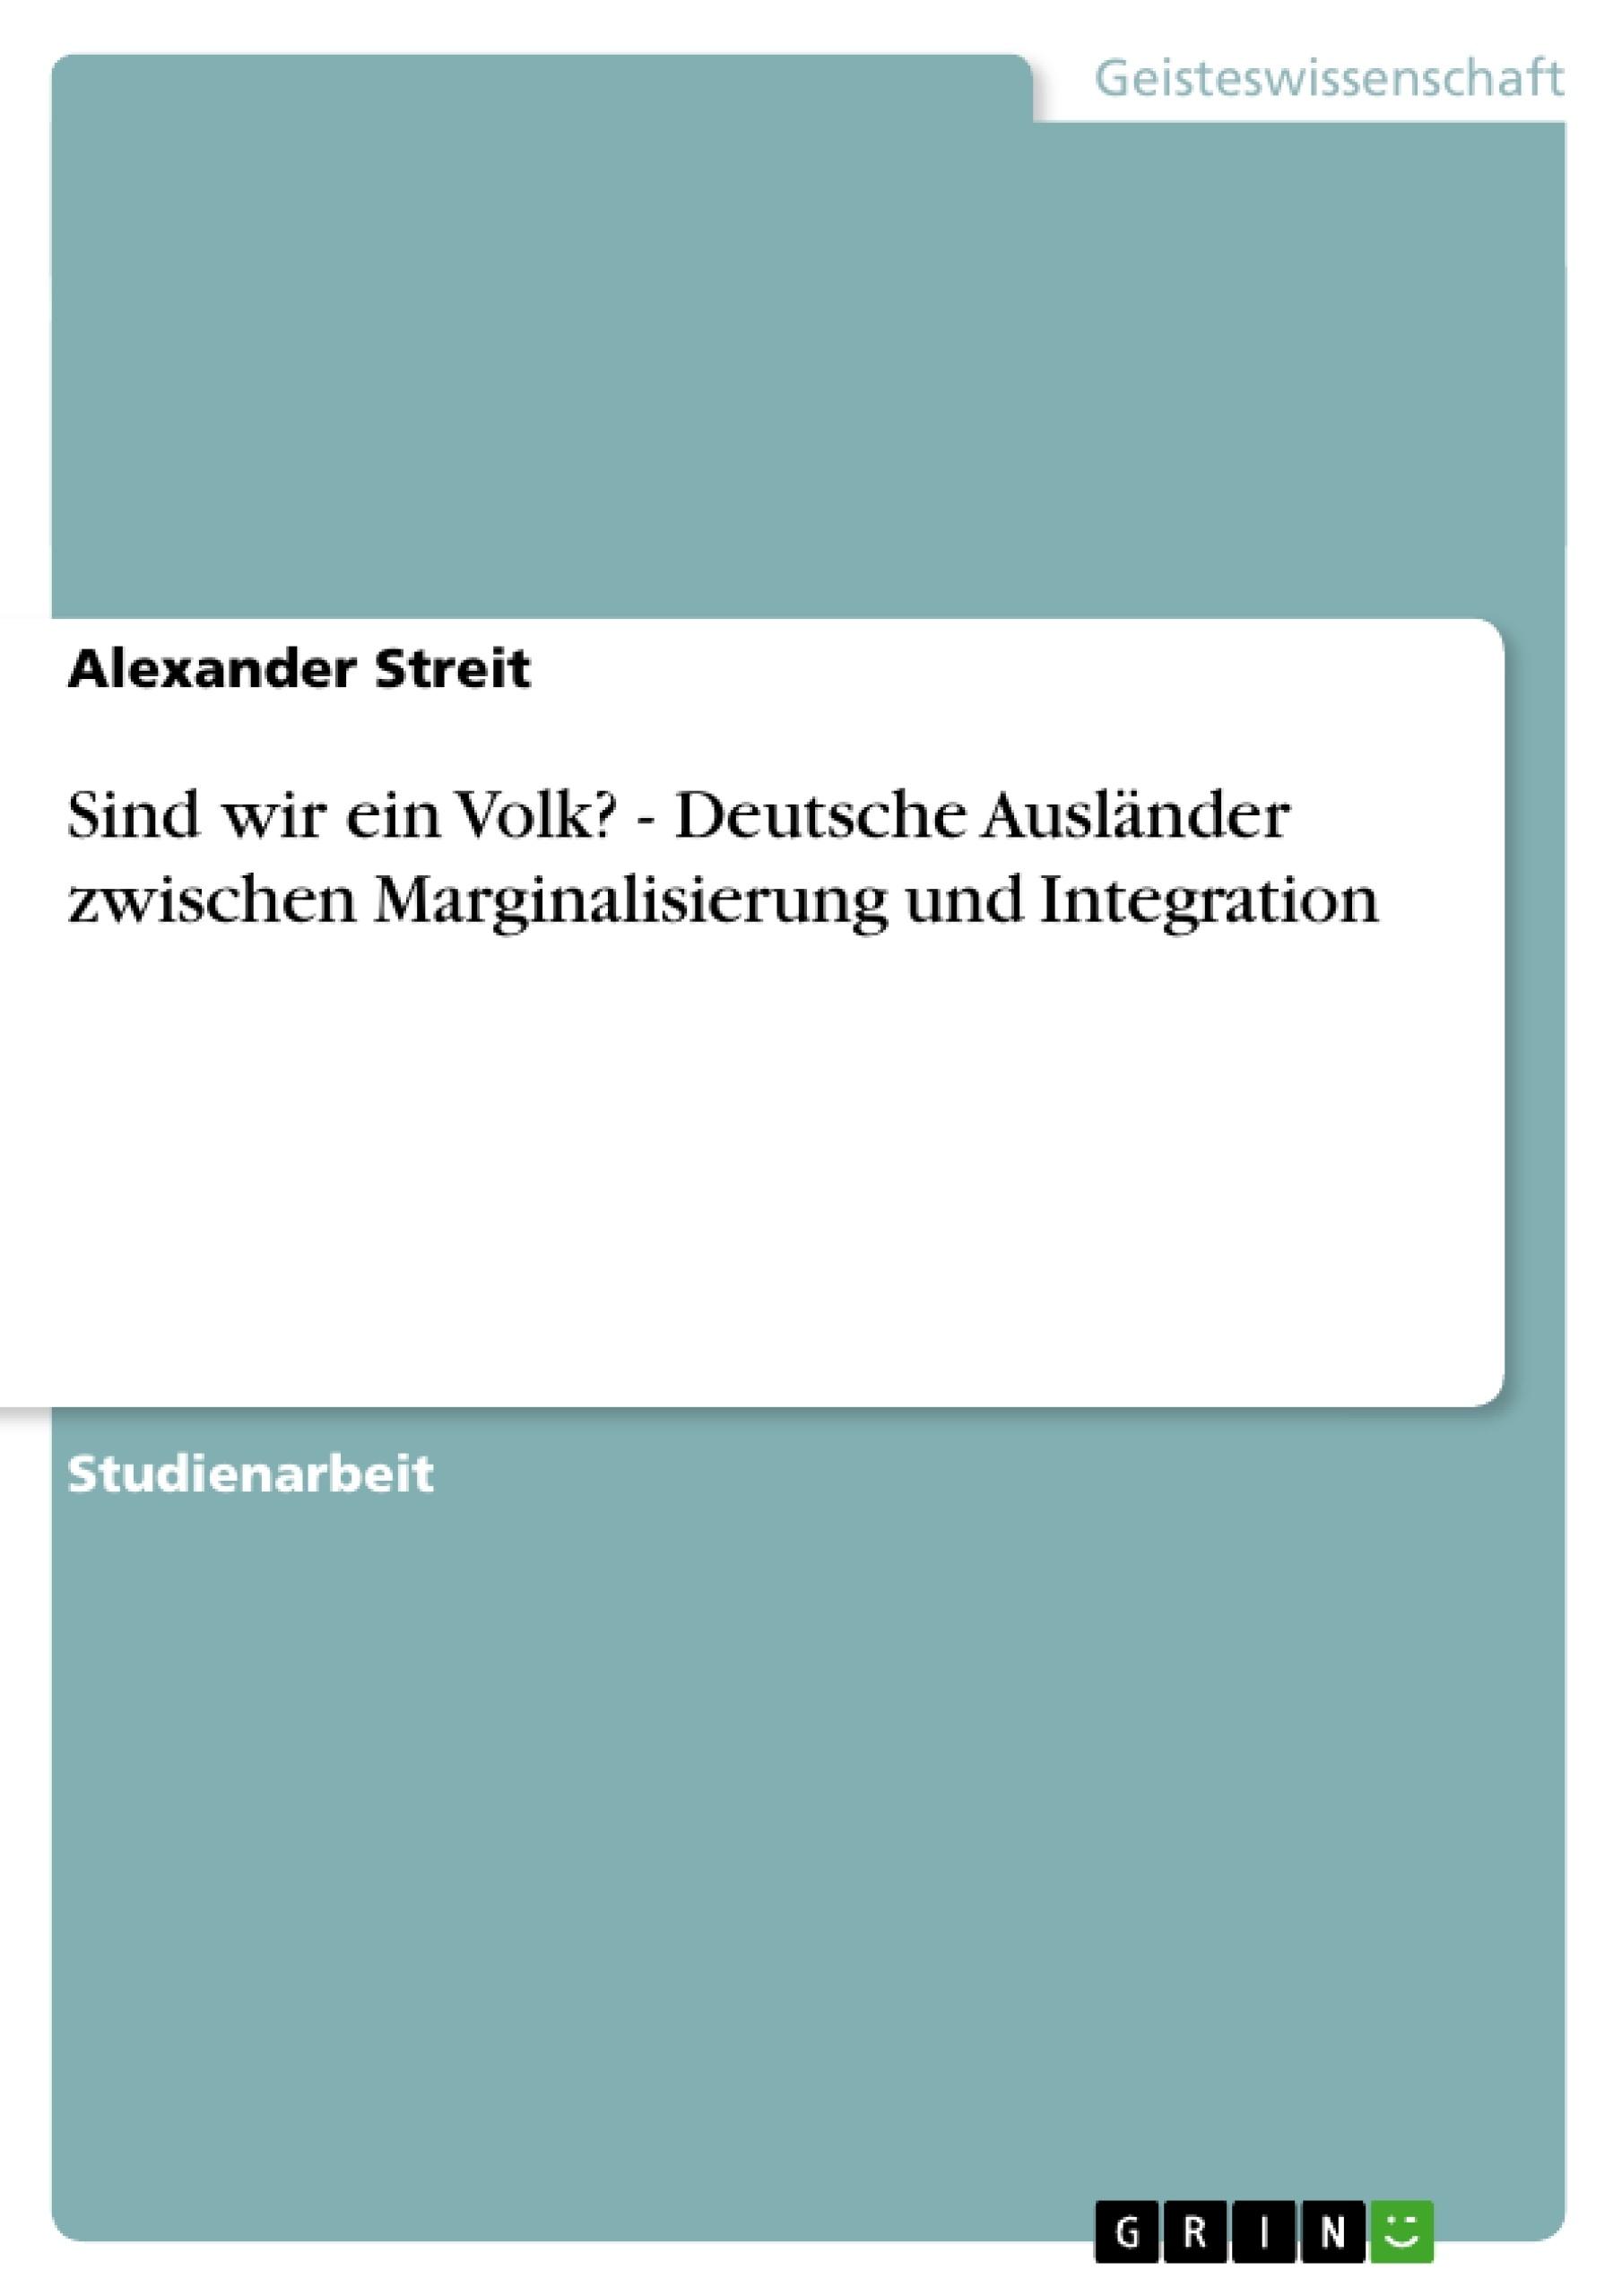 Titel: Sind wir ein Volk? - Deutsche Ausländer zwischen Marginalisierung und Integration